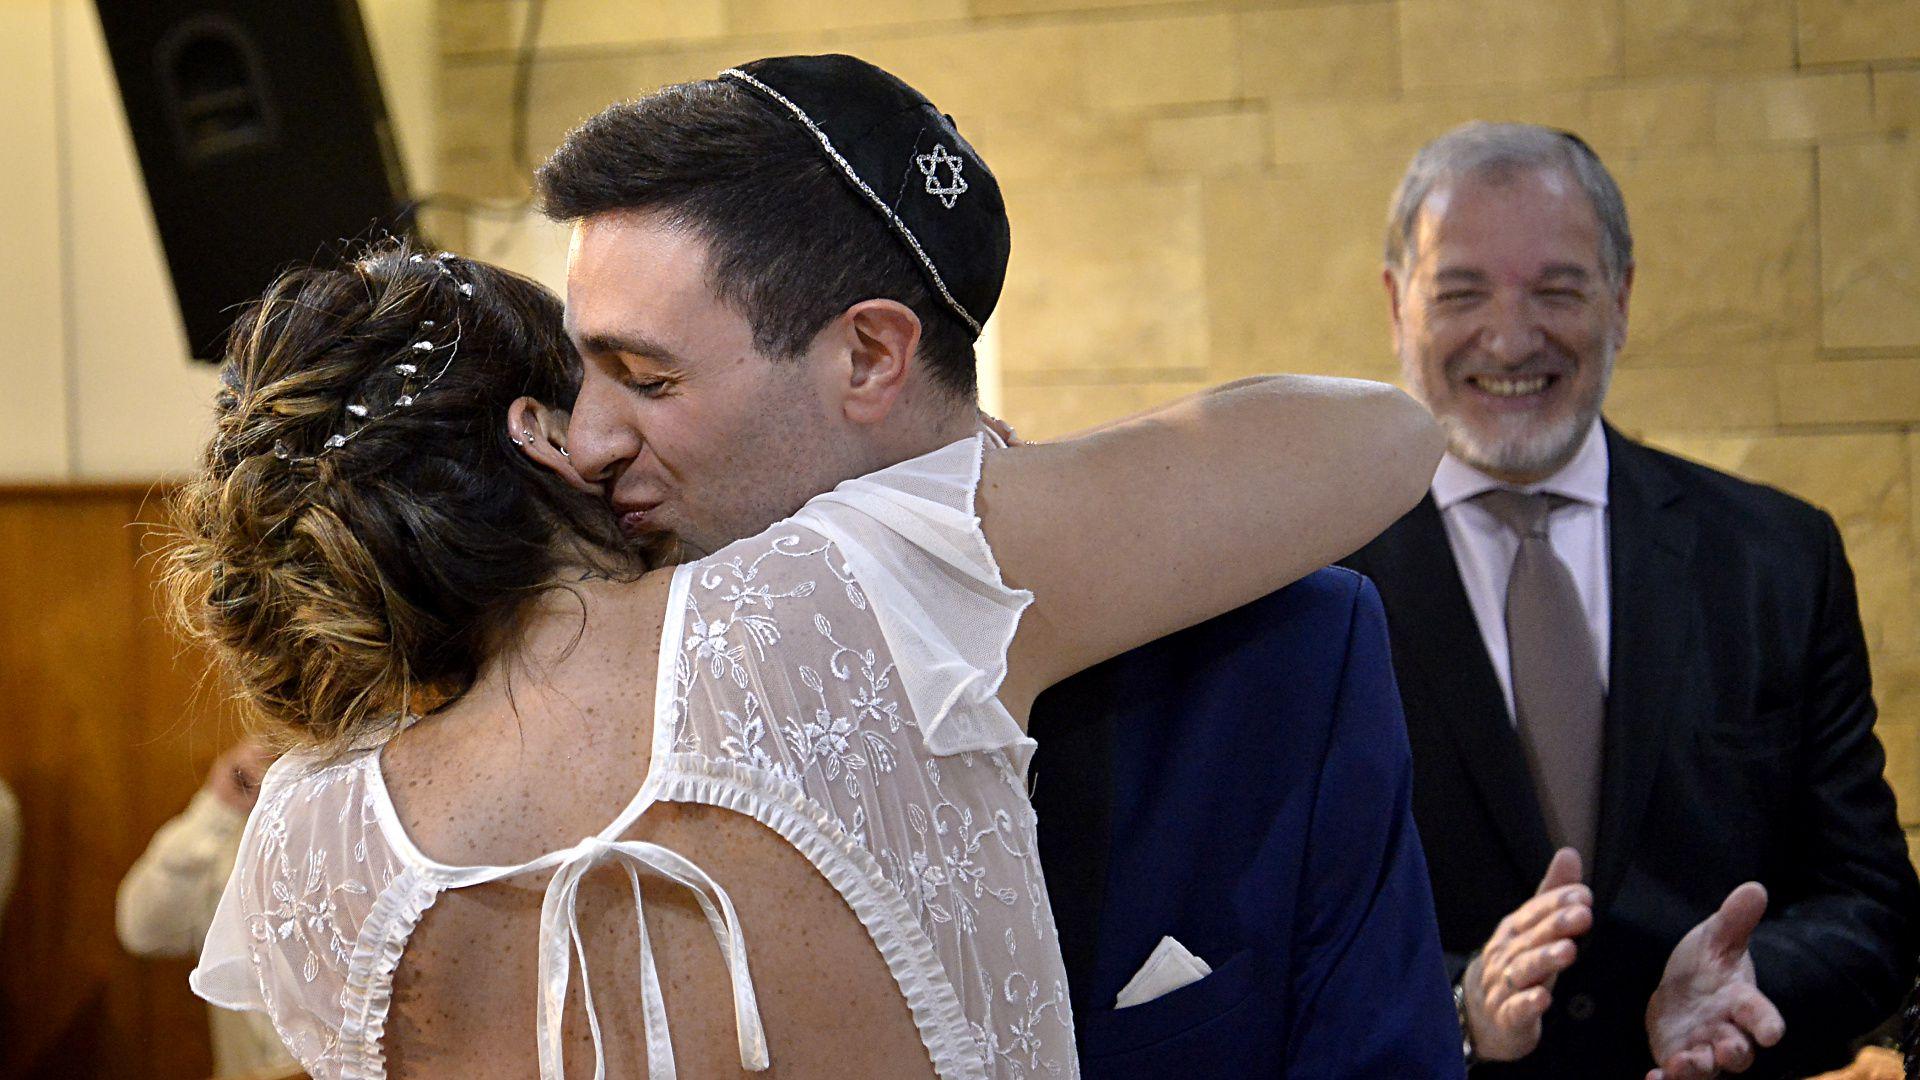 Besos y abrazos entre Carla y Nicolás, luego de dar el sí